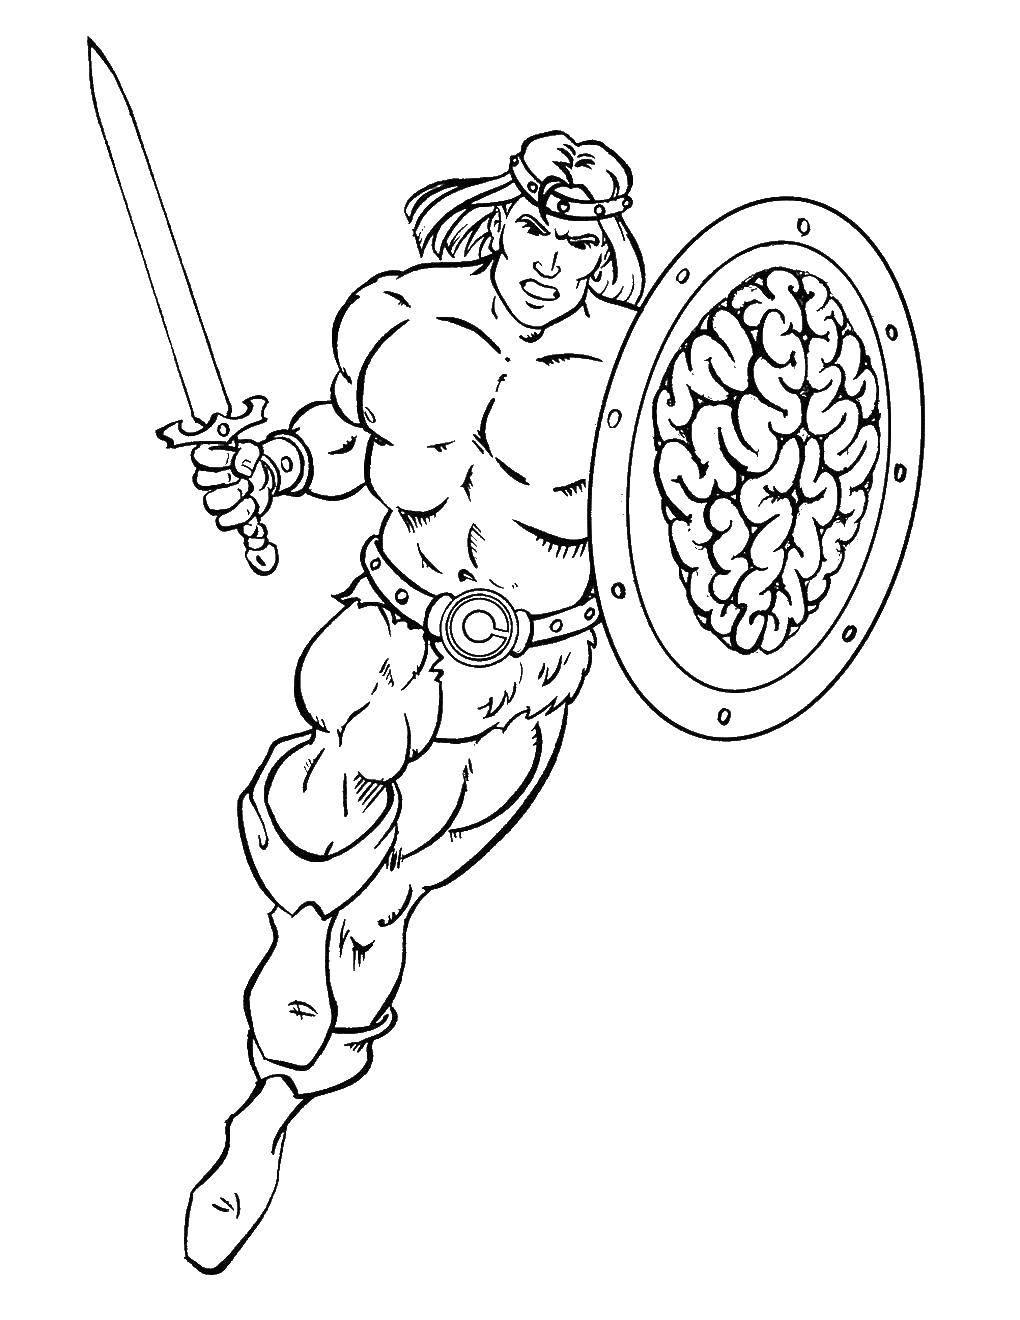 Раскраска Храбрый гладиатор бежит в бой Скачать Воин, гладиатор, меч, щит, бой.  Распечатать ,для мальчиков,